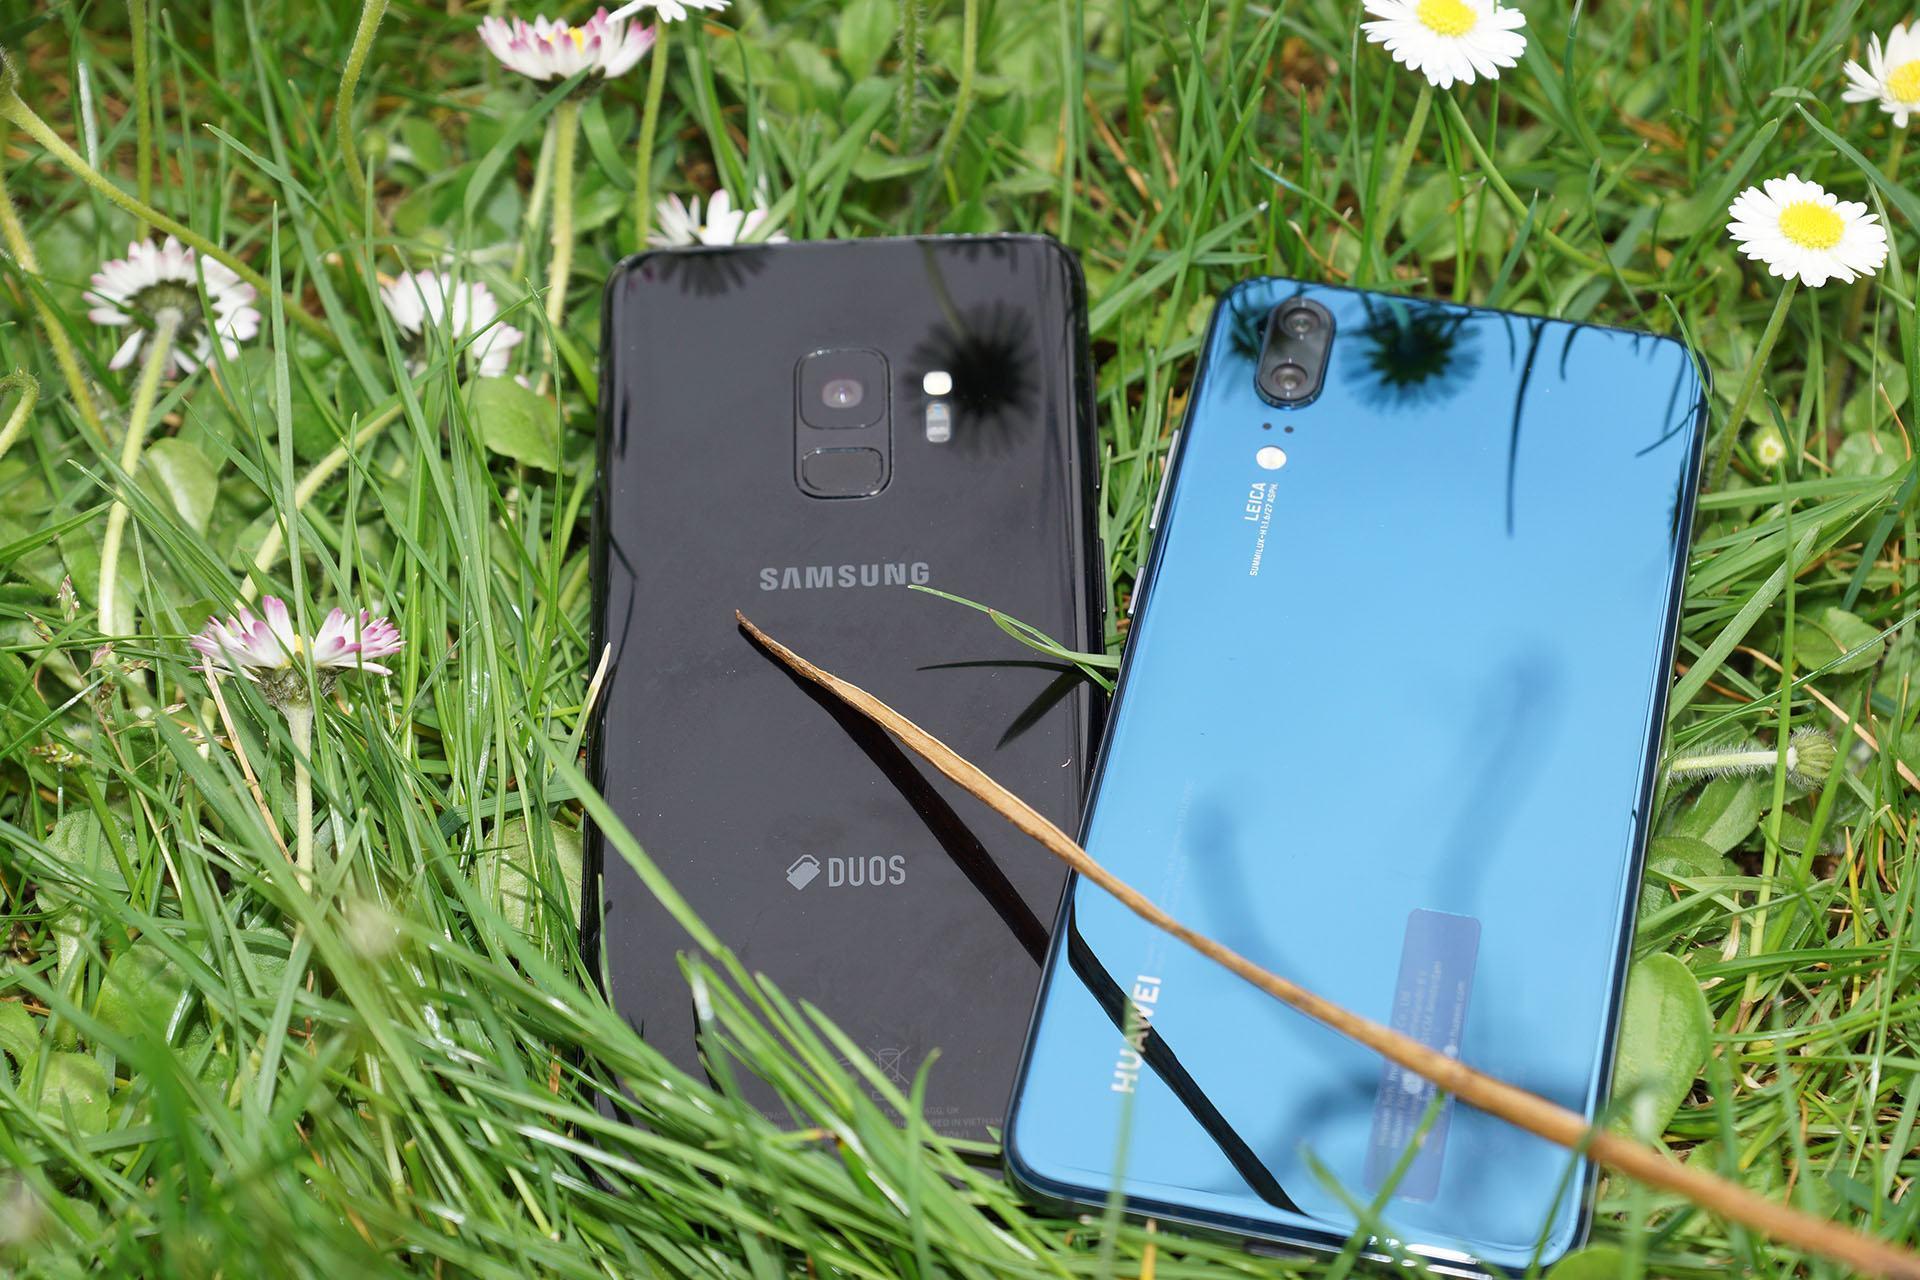 Huawei P20 zum Test eingetroffen, erste Bilder und Eindrücke 10